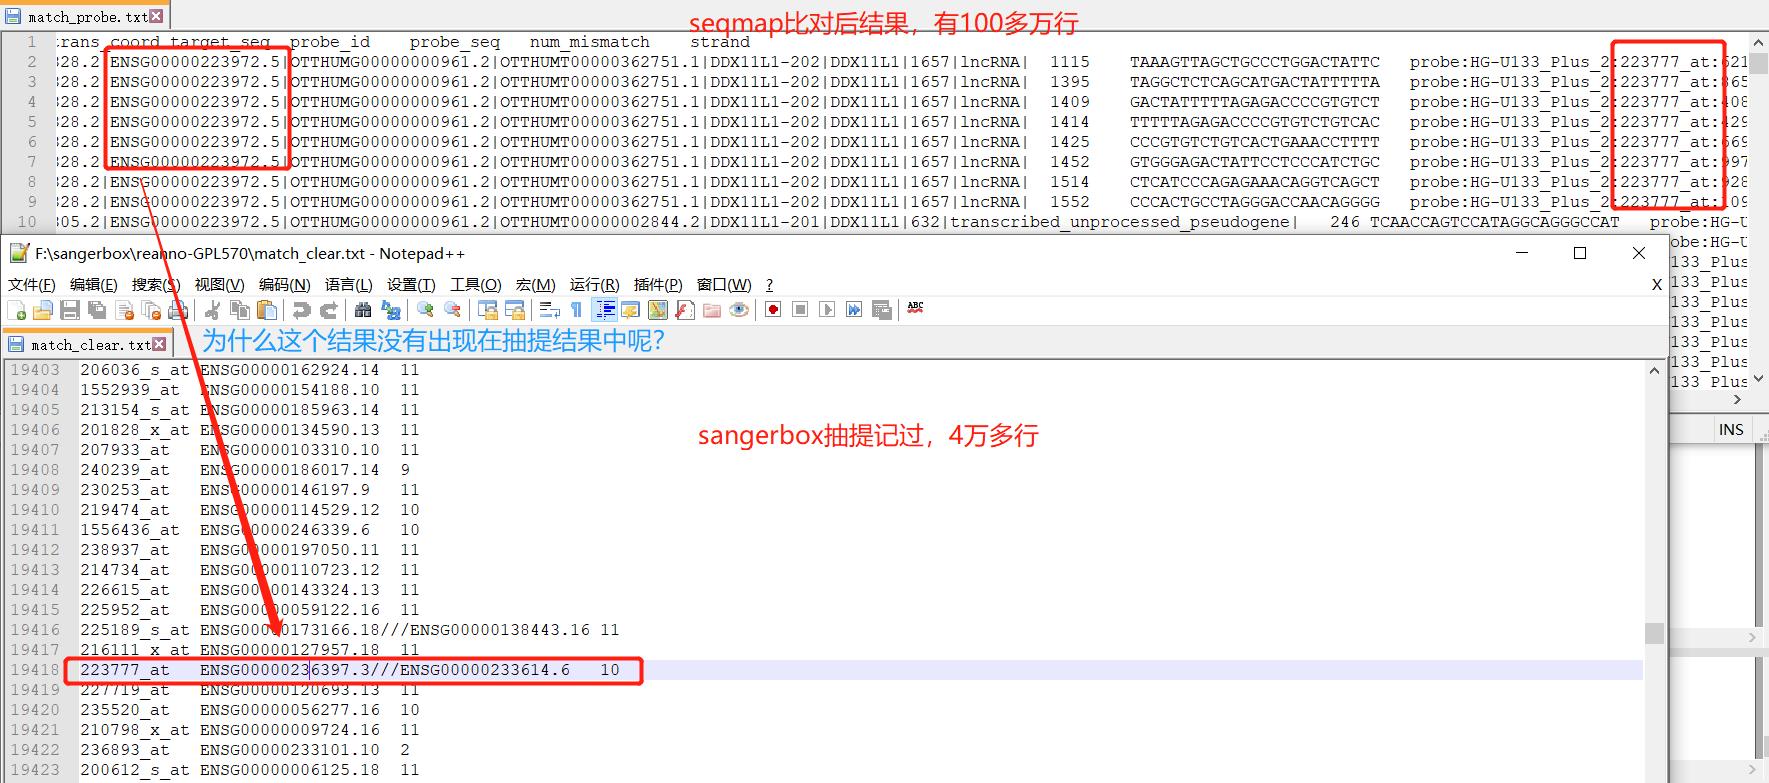 attachments-2019-08-kbUuLP7X5d63480d9a45a.png